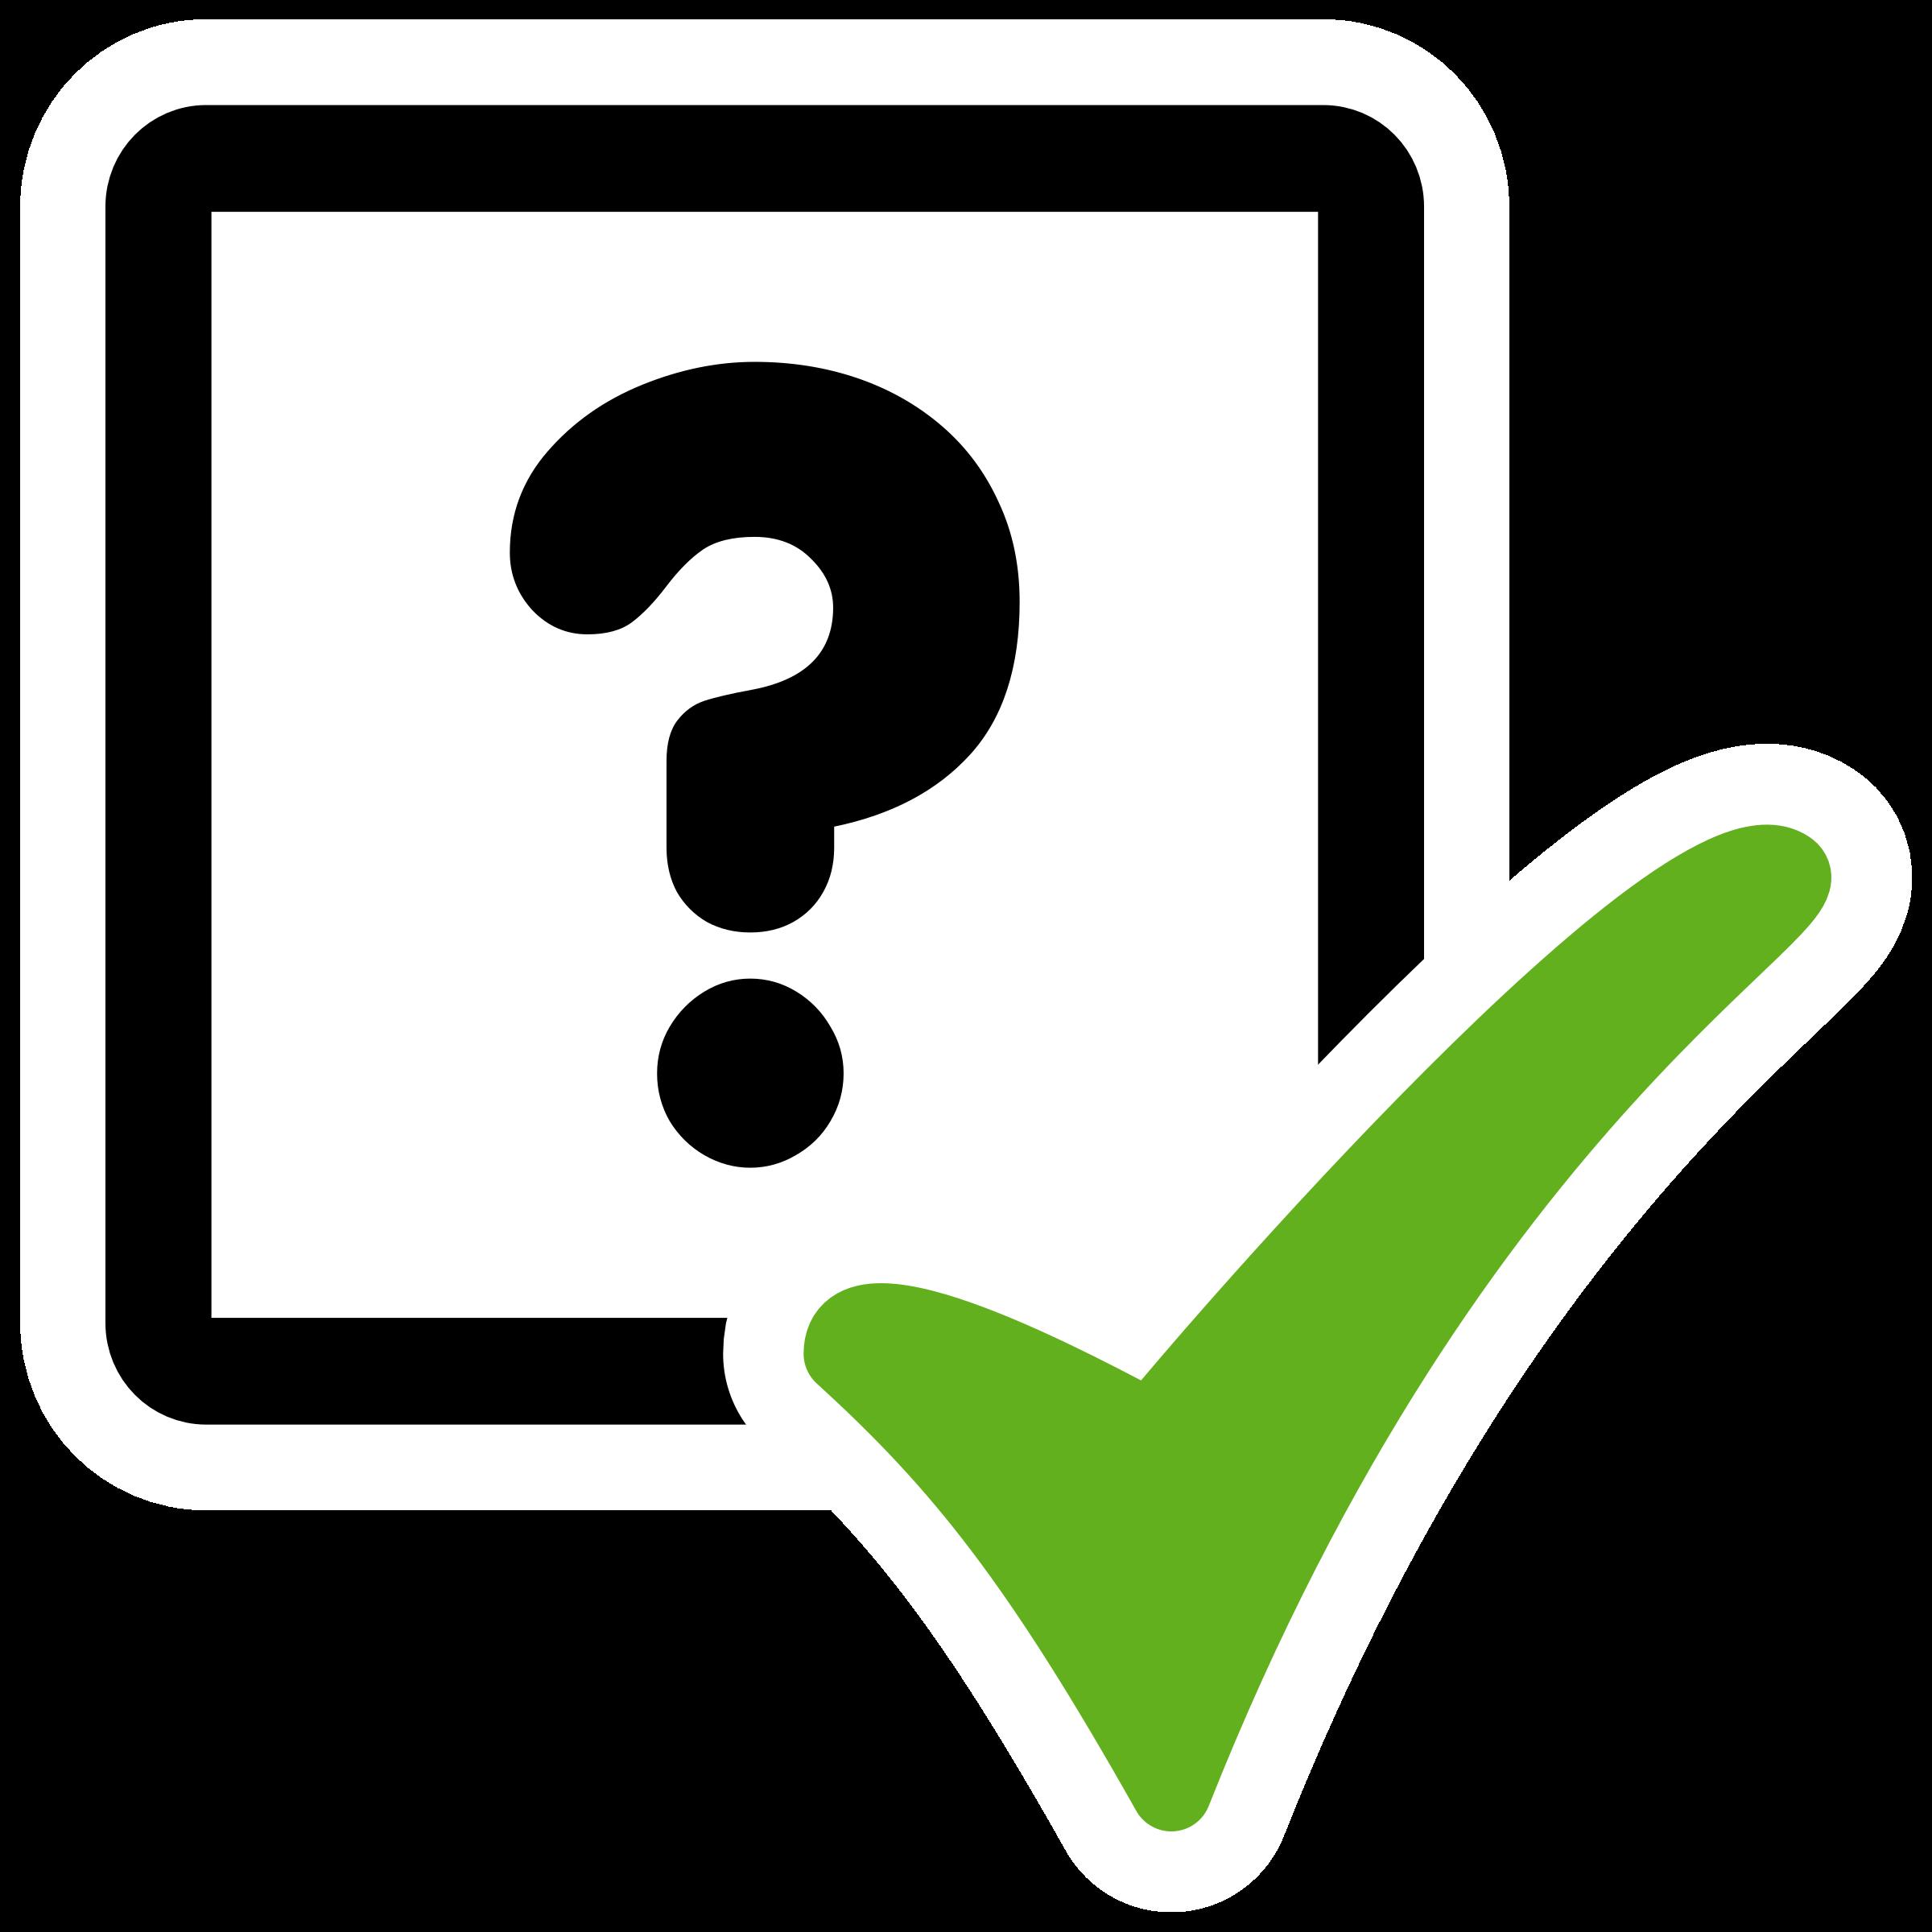 Test clipart svg, Test svg Transparent FREE for download on.